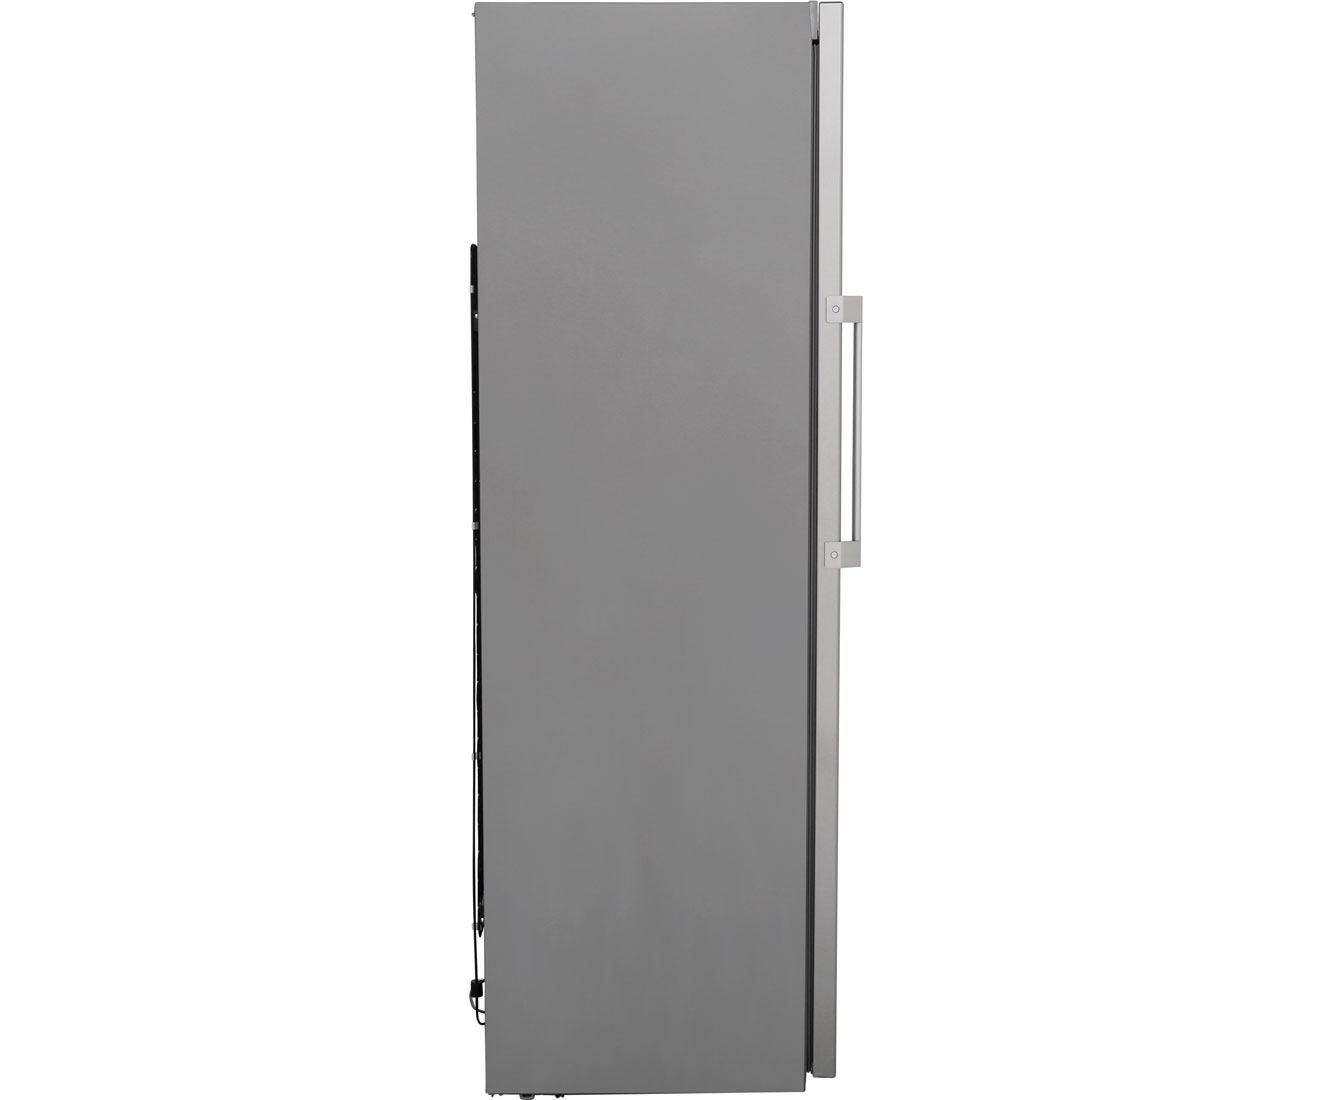 Bauknecht KR 19G4 A2+ IN Kühlschrank Freistehend 60cm